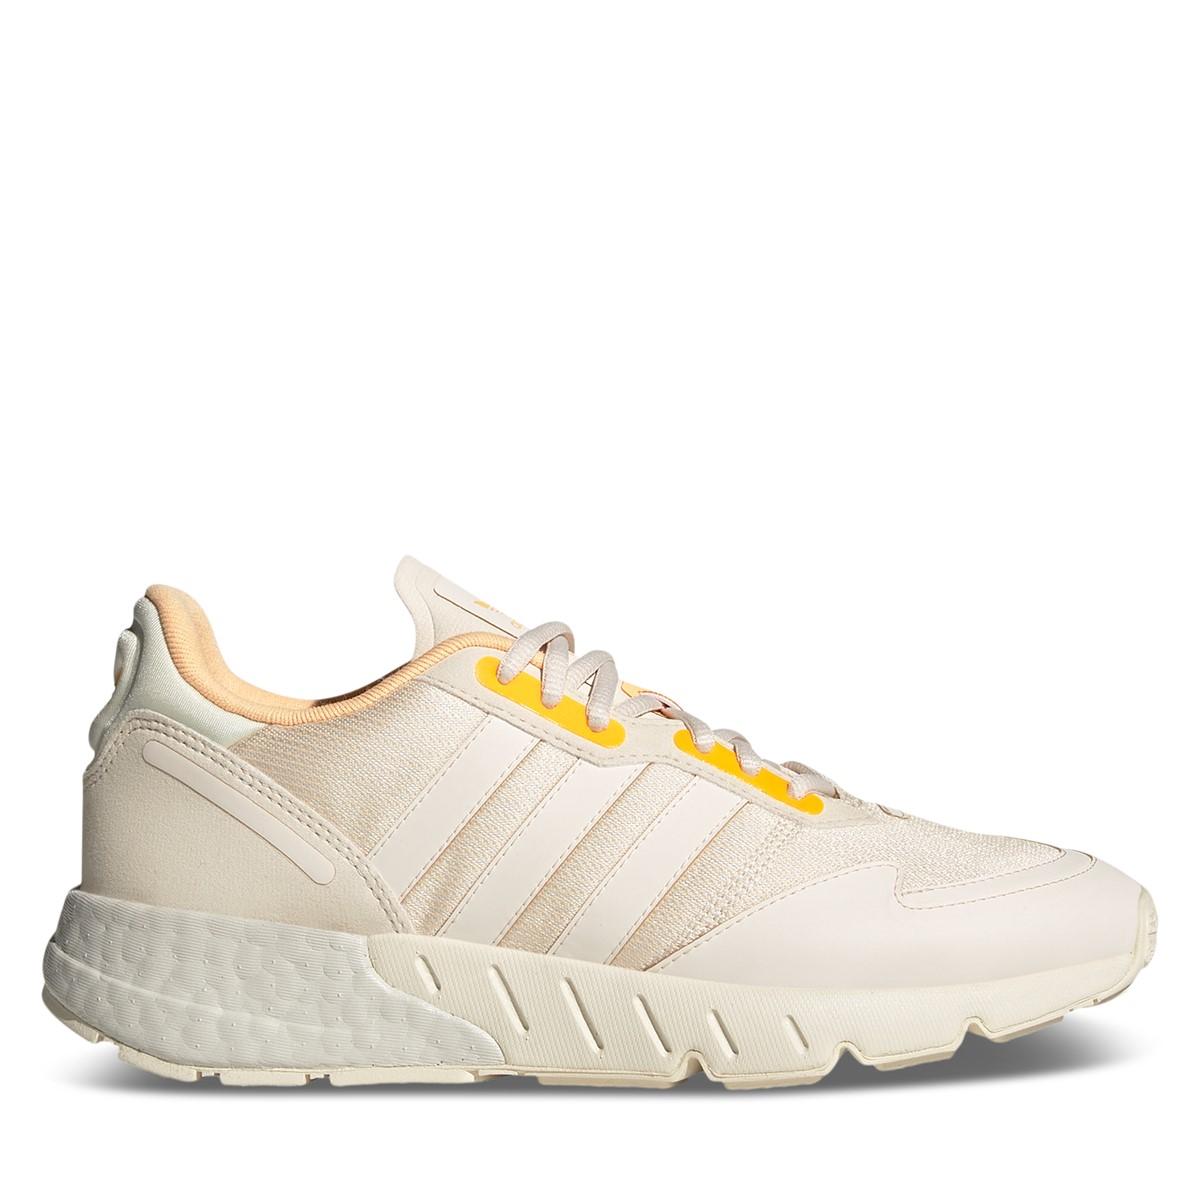 Women's ZX 1K Boost Sneakers in White/Beige/Orange